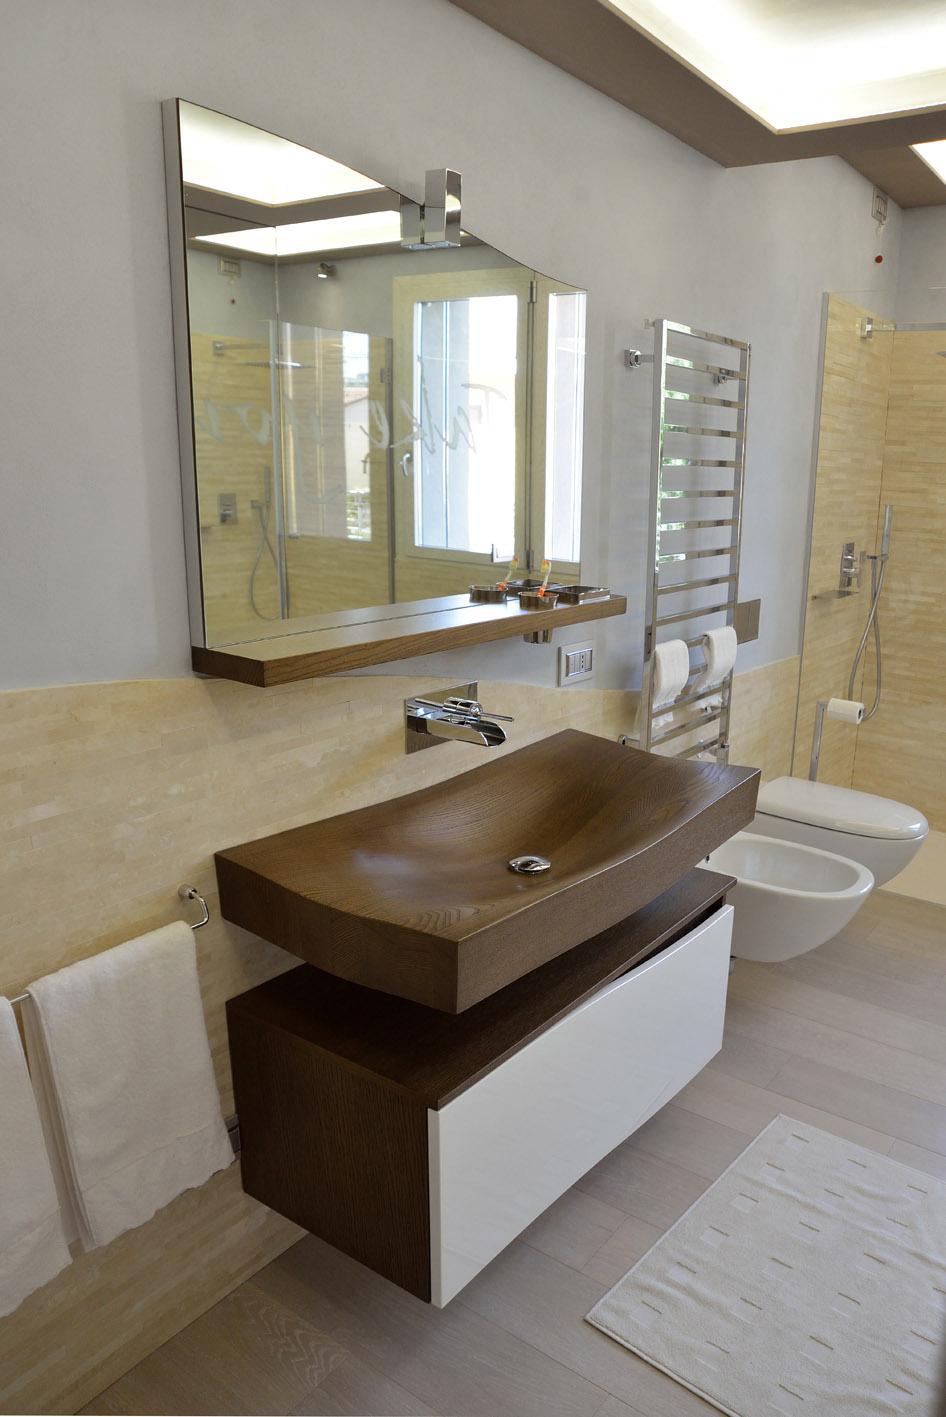 bagno moderno travertino crema lavabo legno tao spoldi ideabagno simone casarotto design